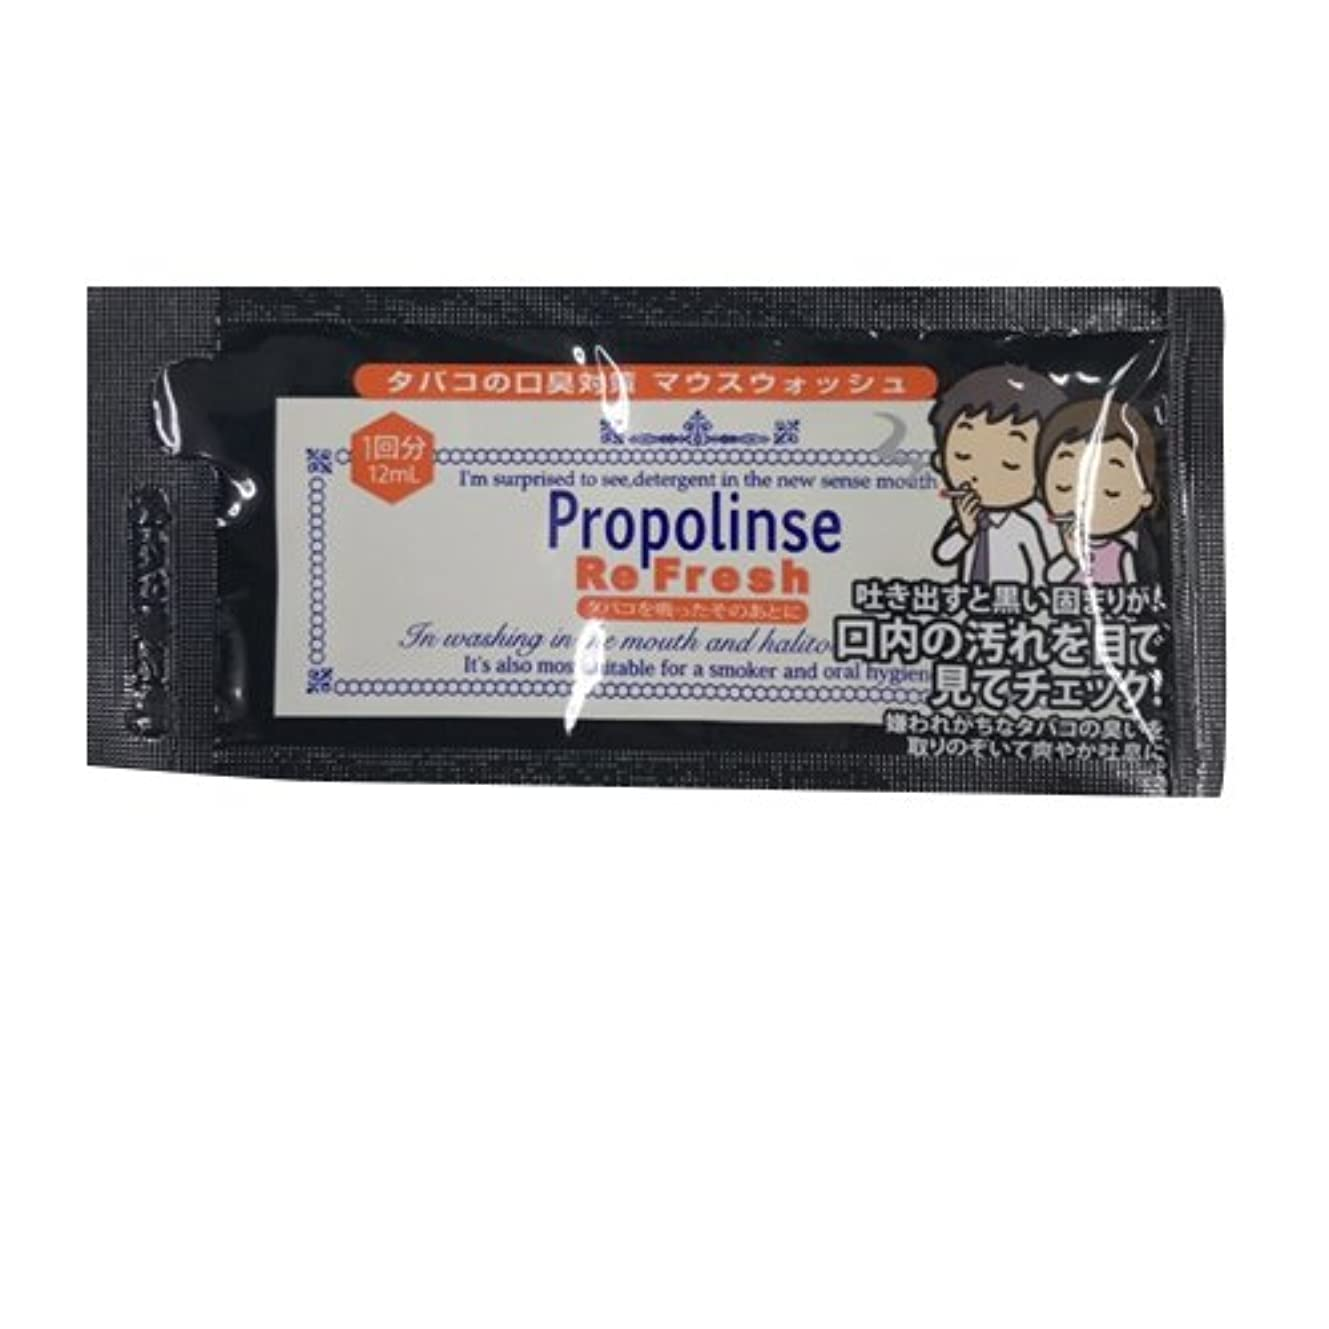 意気揚々破産可能プロポリンス ハンディパウチ12ml ×50個 リフレッシュ